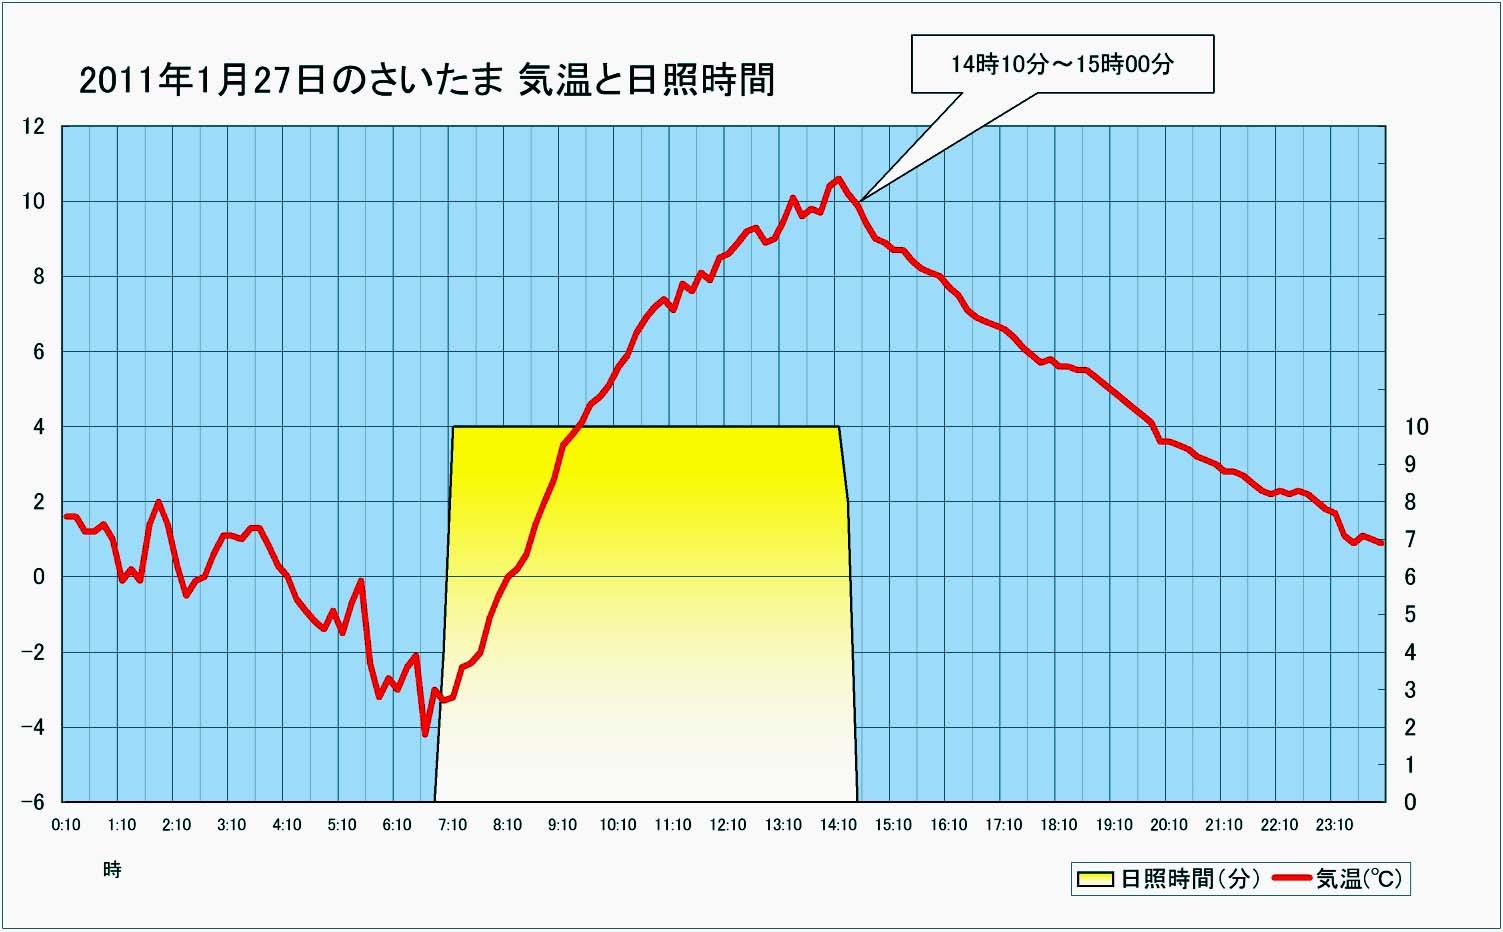 2011年1月27日のさいたま気温と日照 グラフ